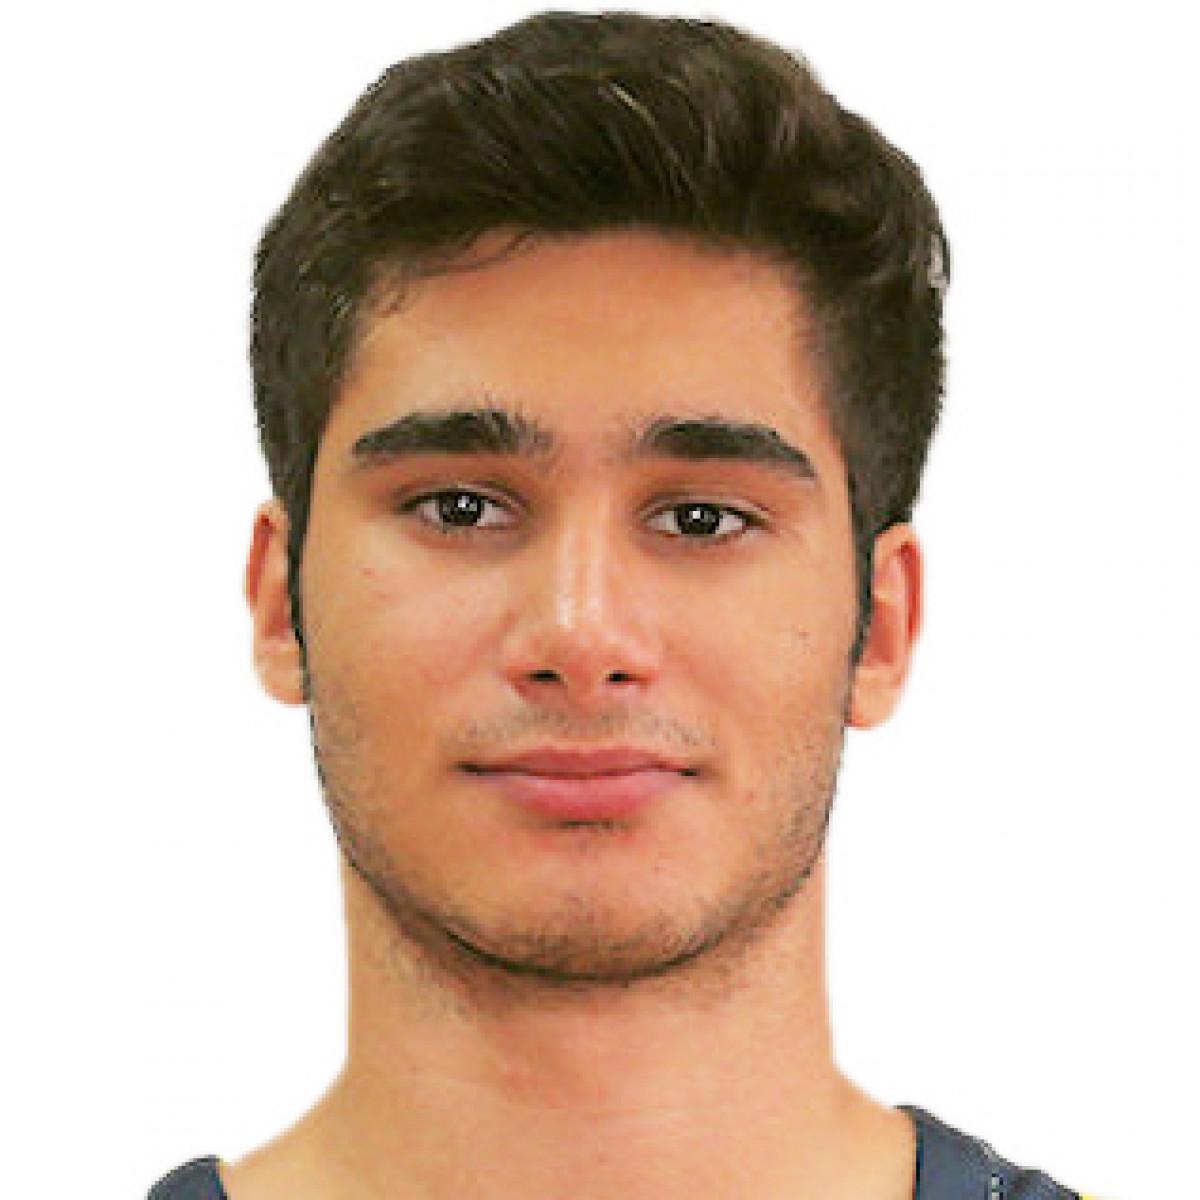 Omer Suder